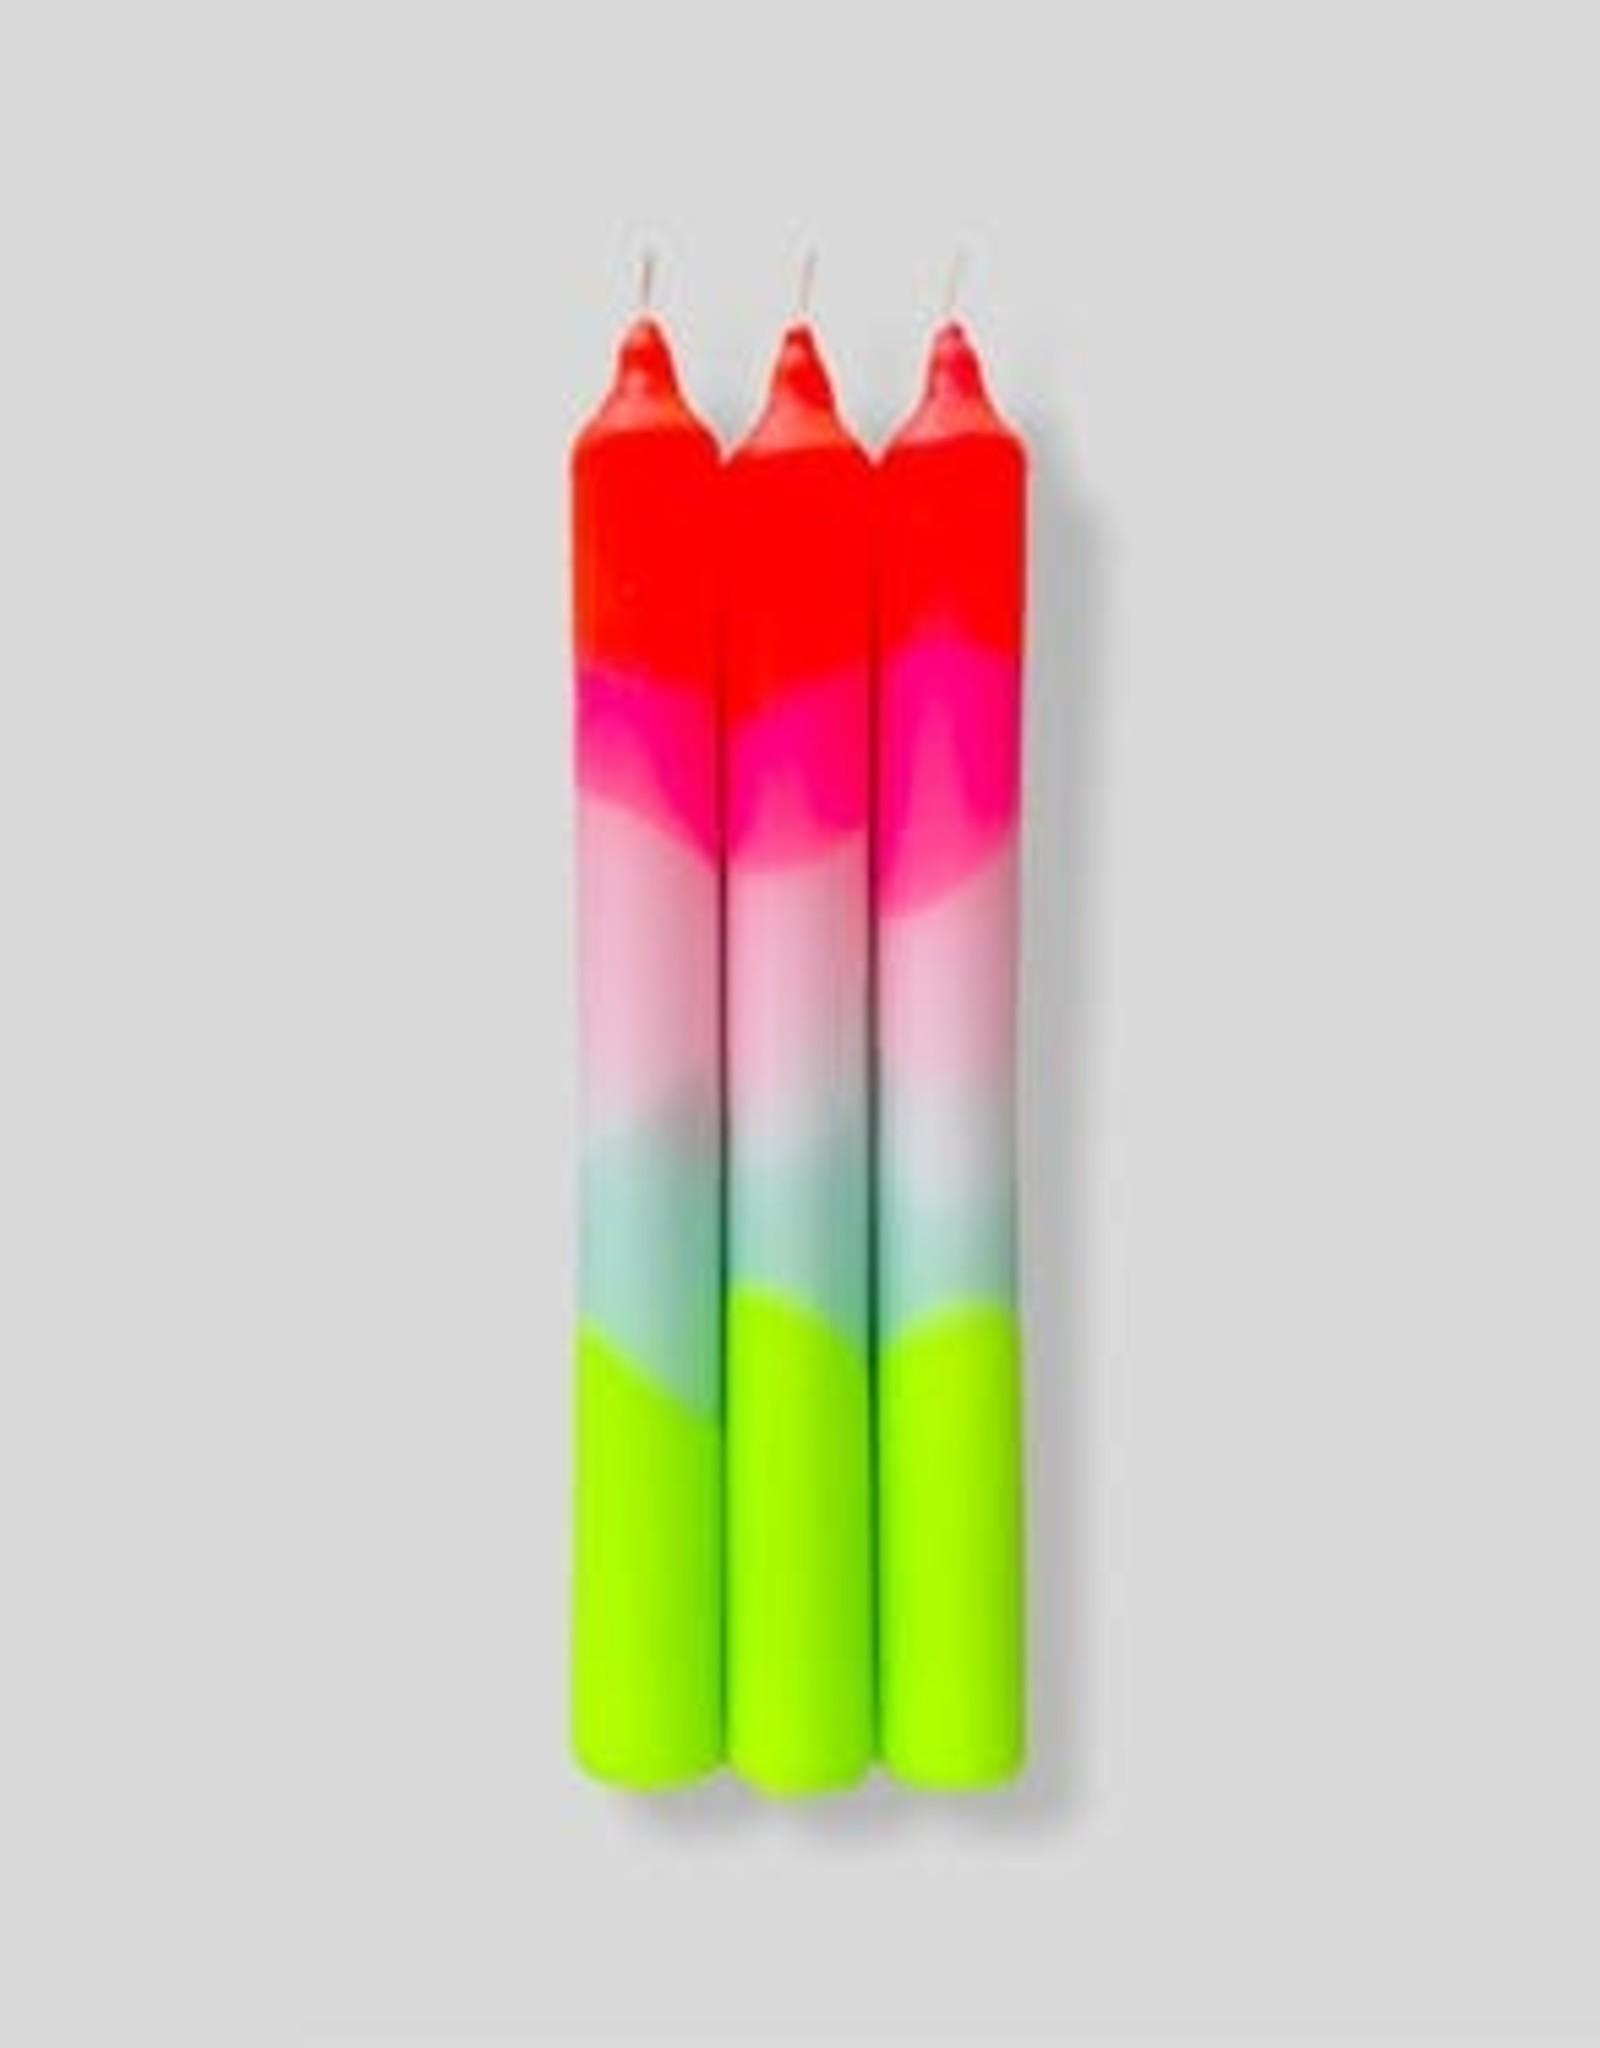 Pink Stories Dip Dye Neon kaars (Vegan) - Lollipop Trees